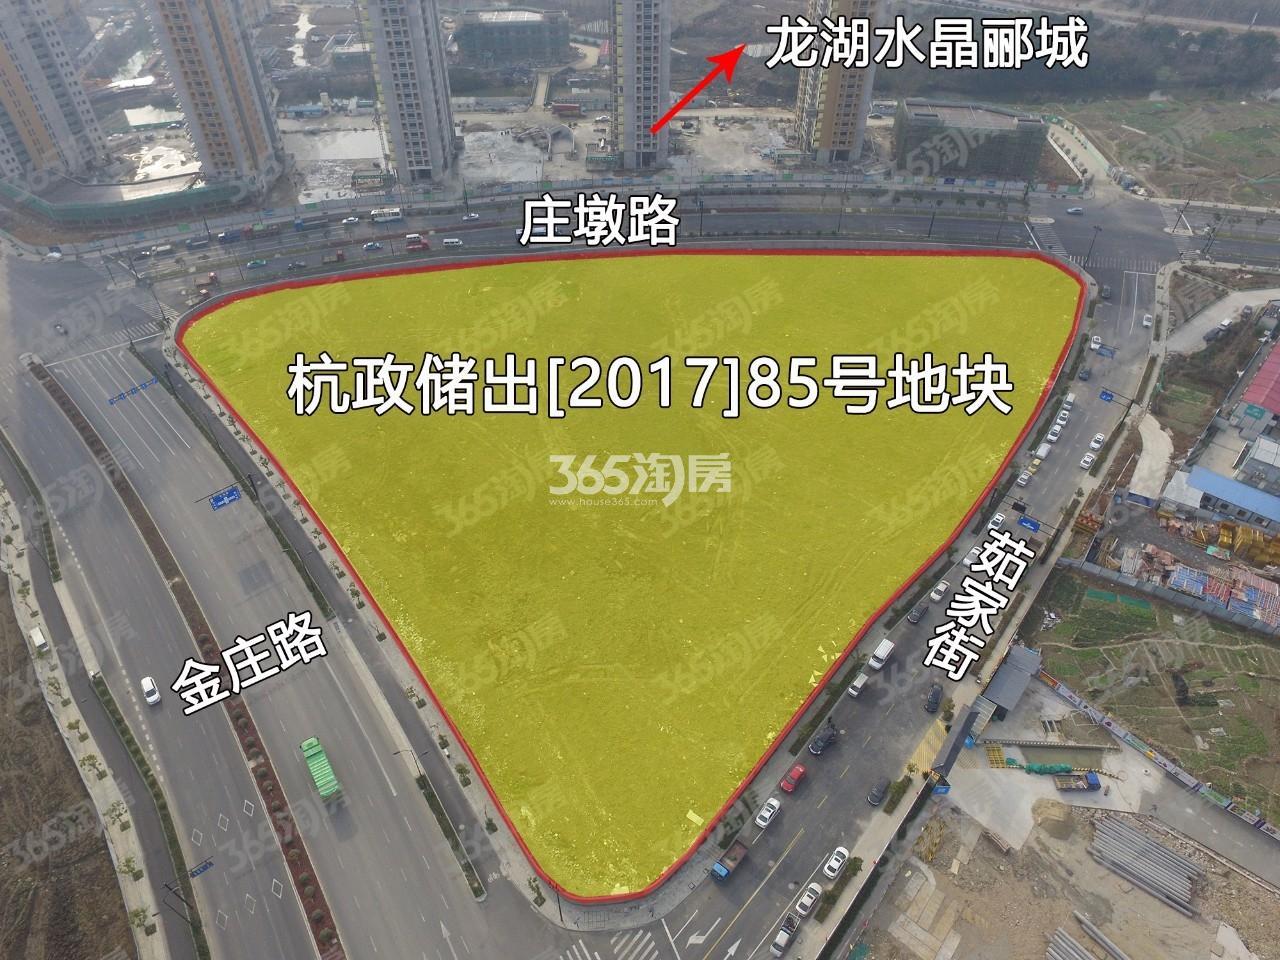 南京银城三墩北项目实景图